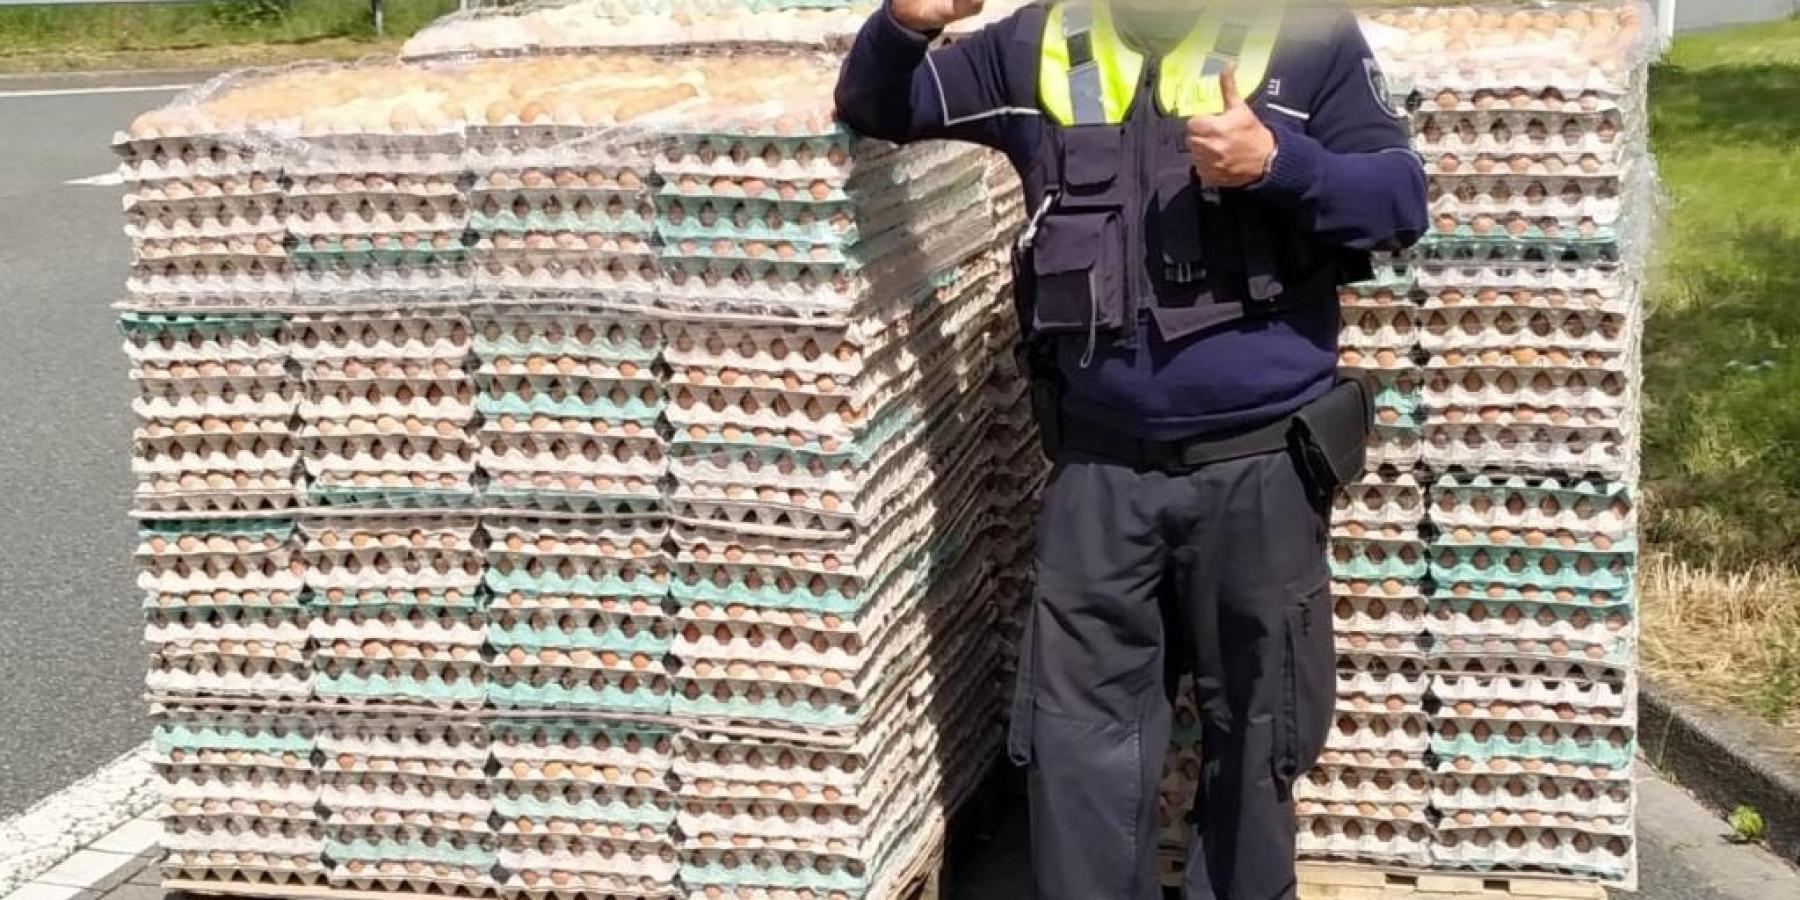 Die Retoure vom Osterhasen zu schwer – 7,5-Tonner um 41 Prozent überladen